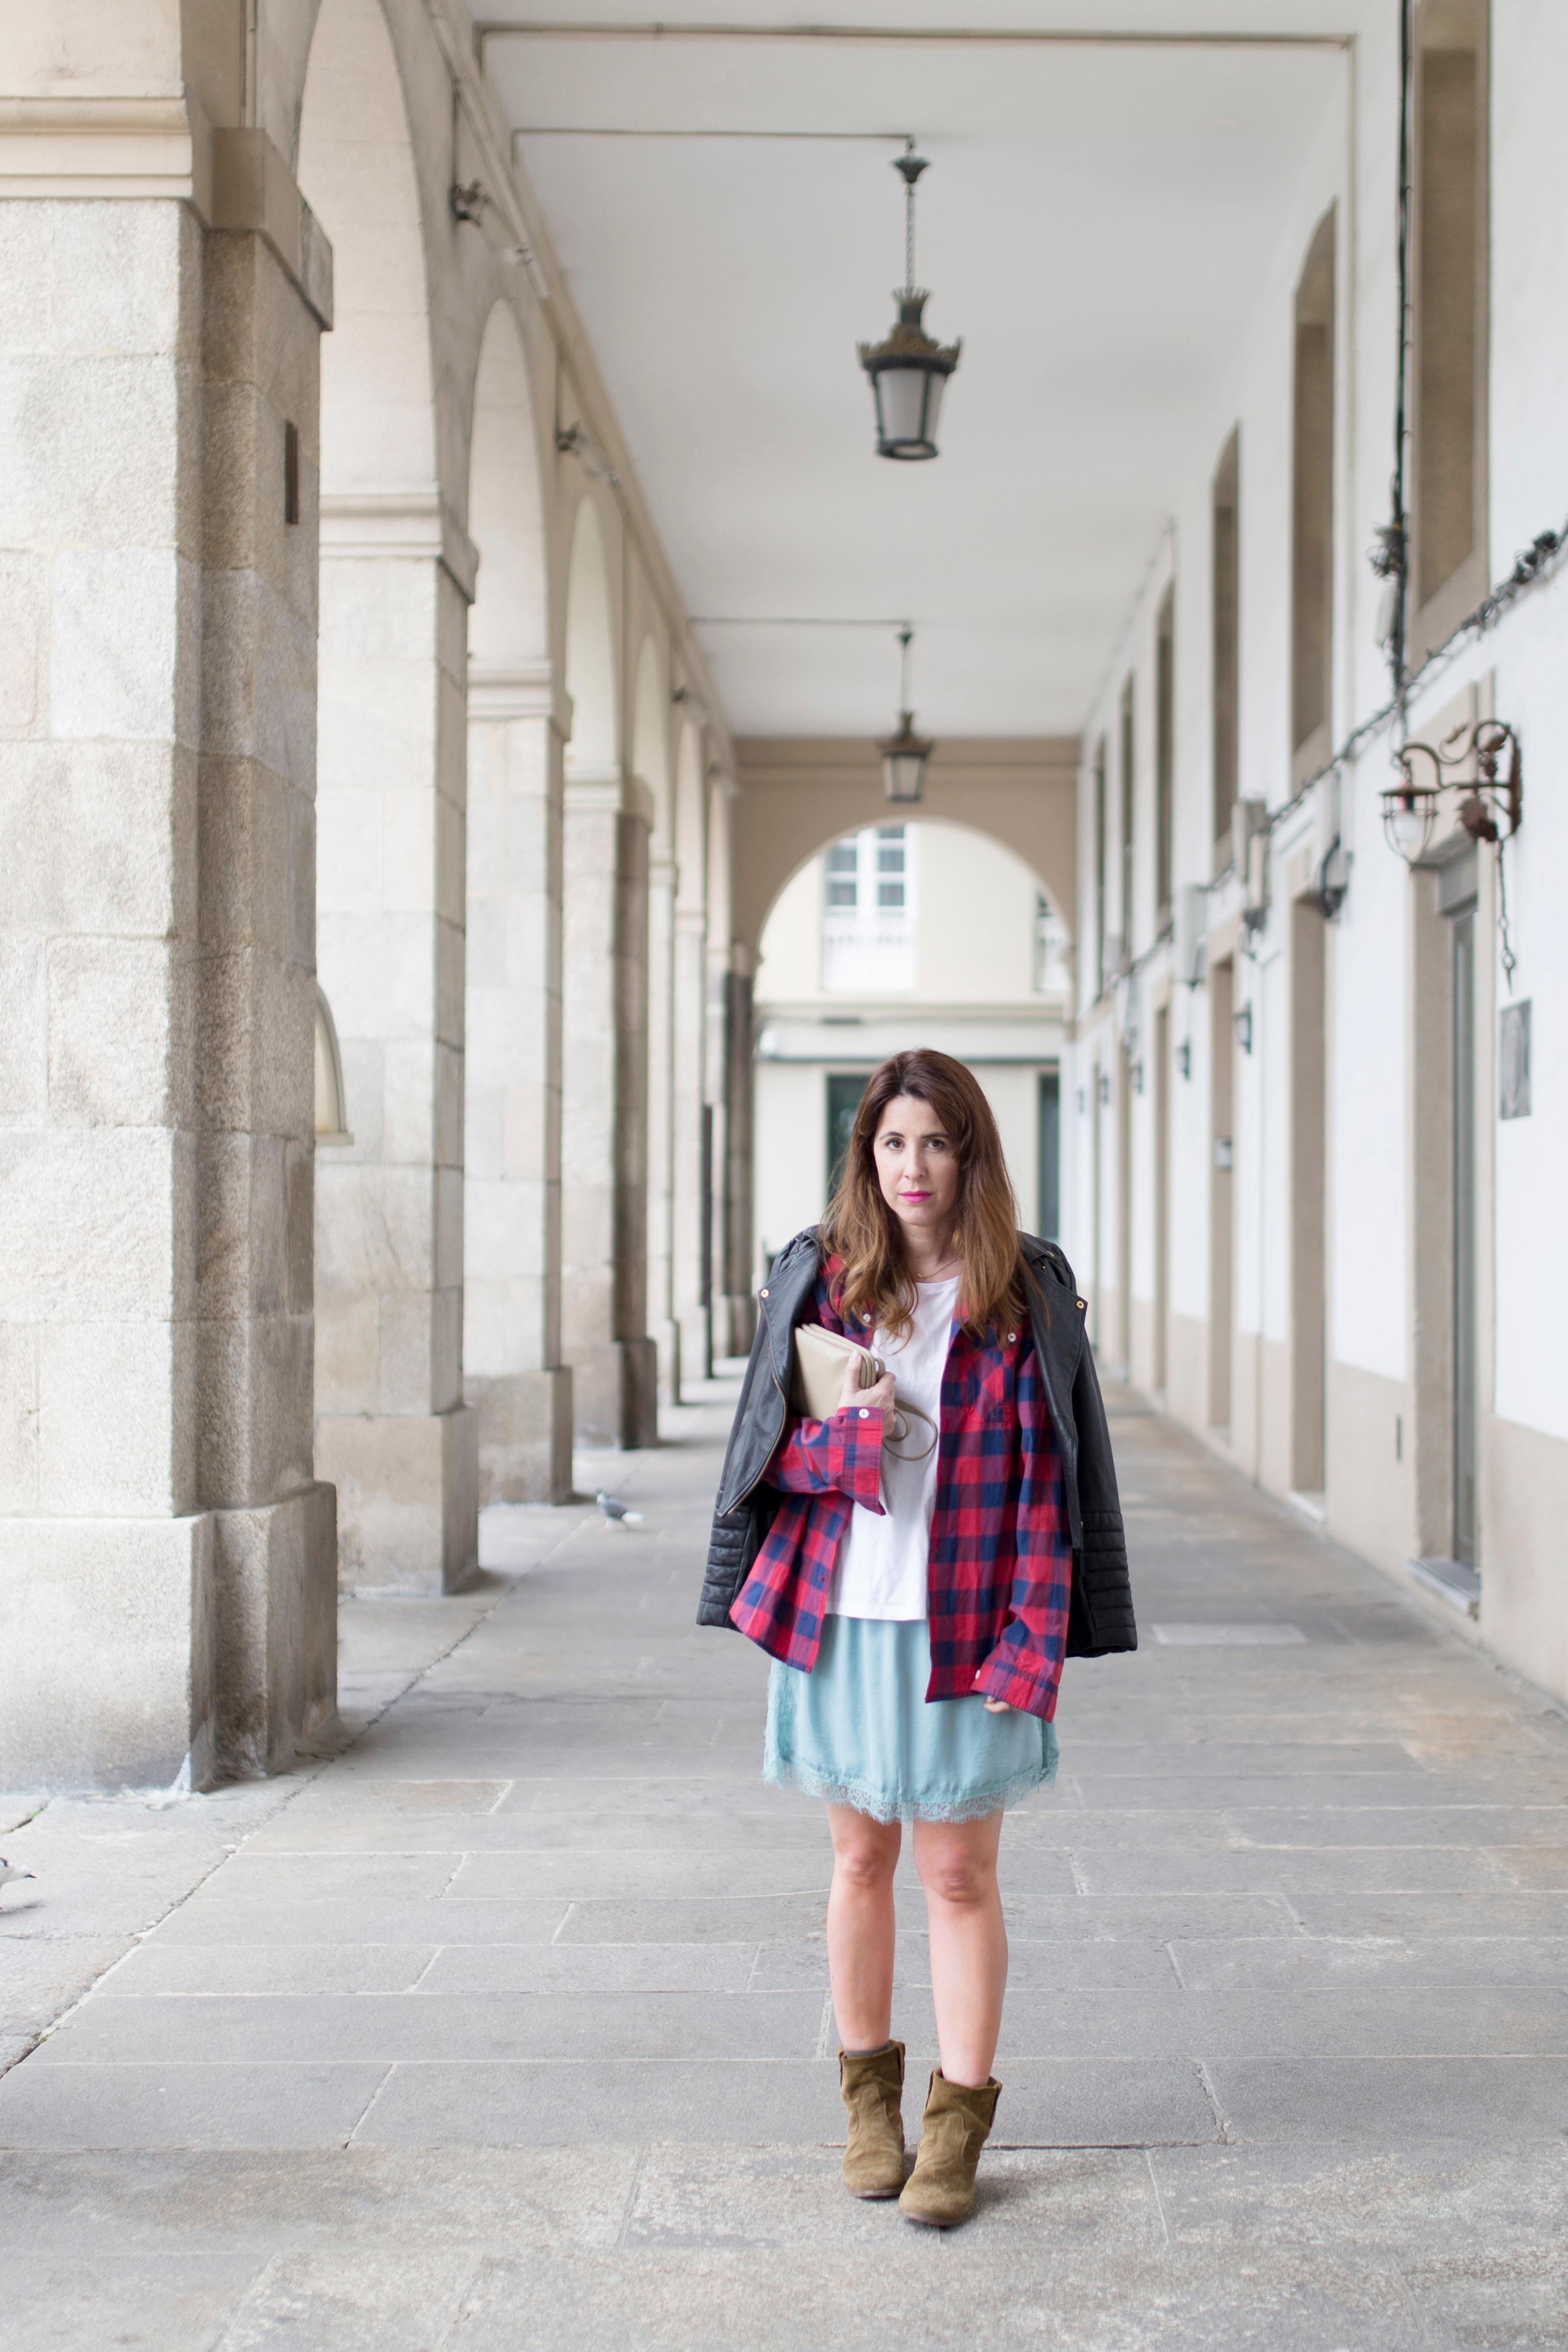 moda-calle-zara-perfecto-Céline- trio bag-streetstyle-coruña-boots-blogger-fashion-descalzaporelparque